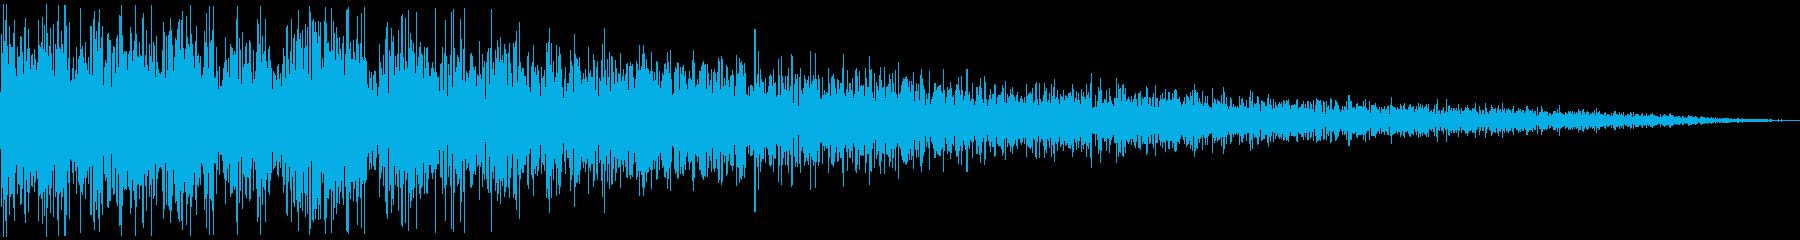 ガーン (ショック、衝撃を受ける)の再生済みの波形